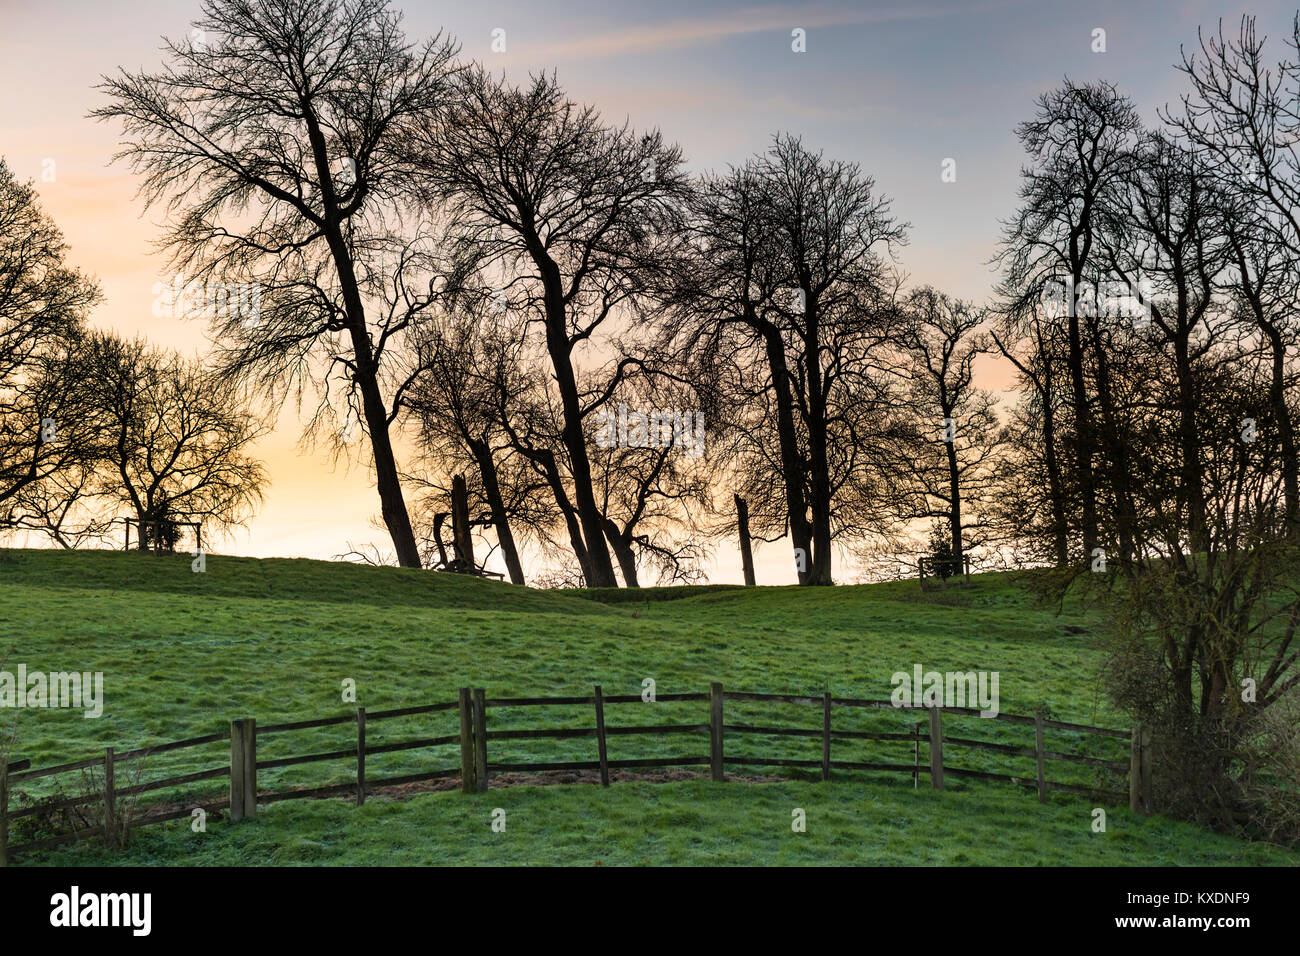 Regarder à travers les arbres nus à un ciel clair juste avant le lever du soleil en hiver dans la campagne Photo Stock